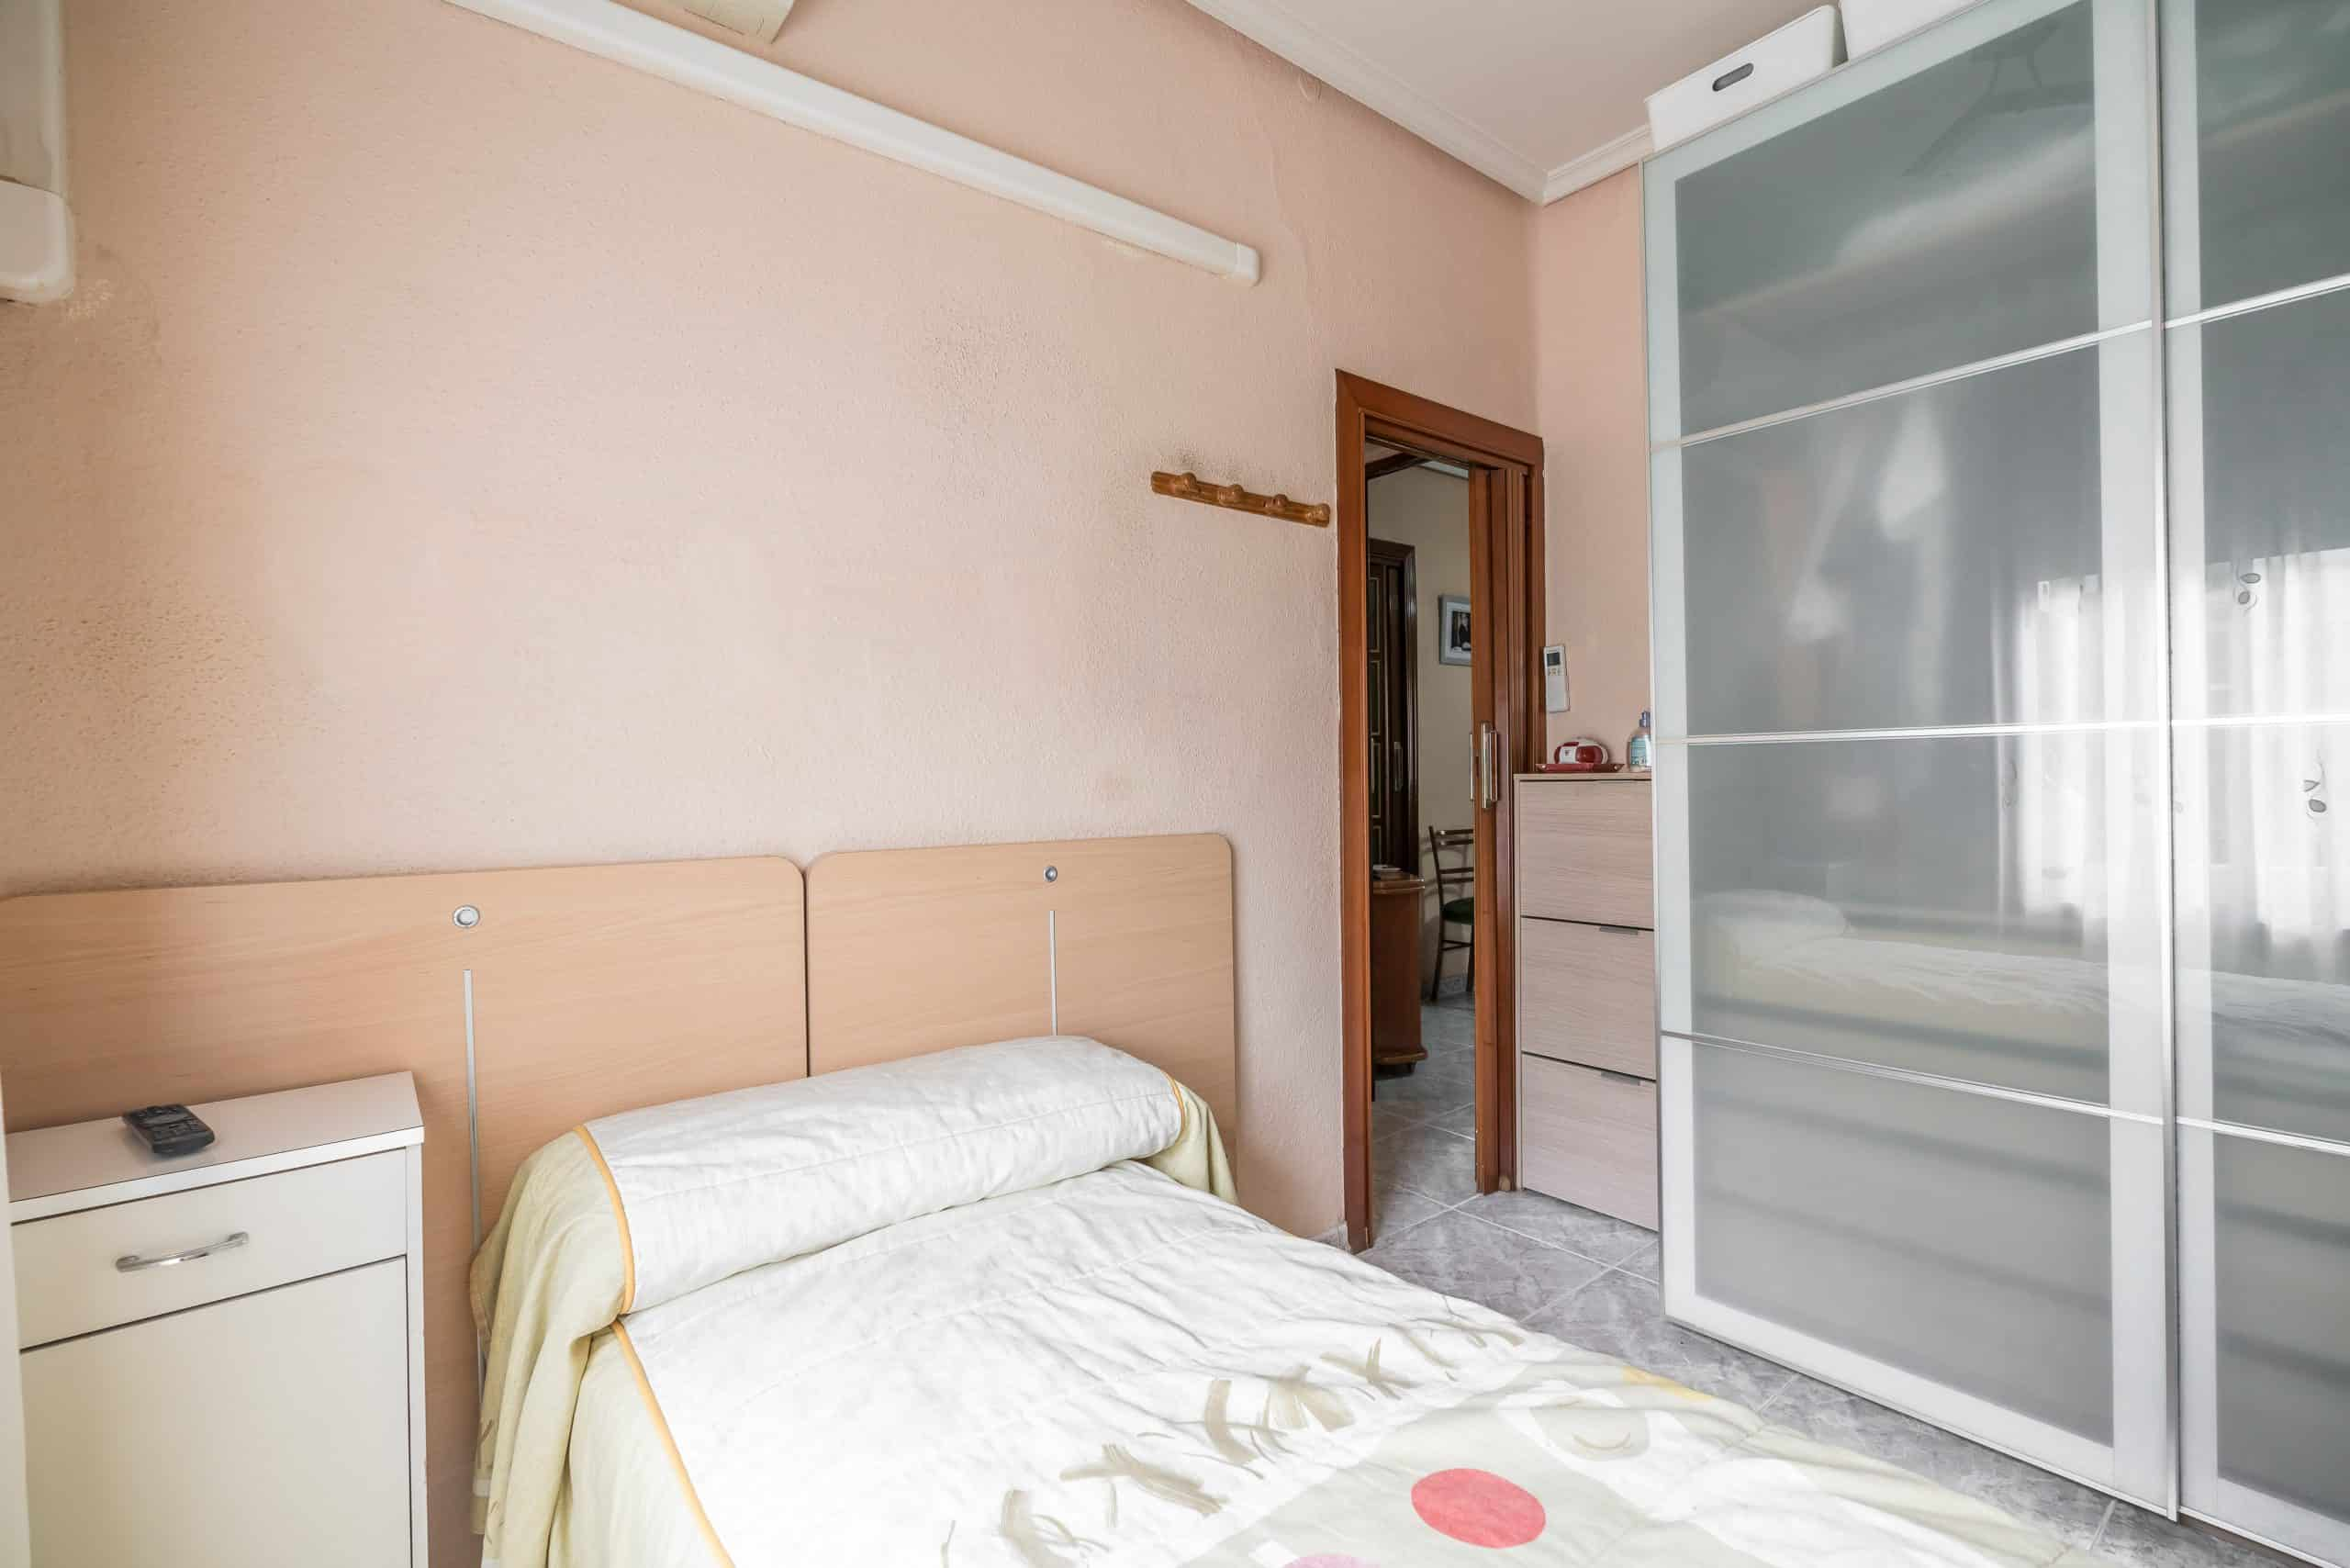 Agencia Inmobiliaria de Madrid-FUTUROCASA-Zona ARGANZUELA-EMBAJADORES-LEGAZPI4 DORMITORIO2 (5)